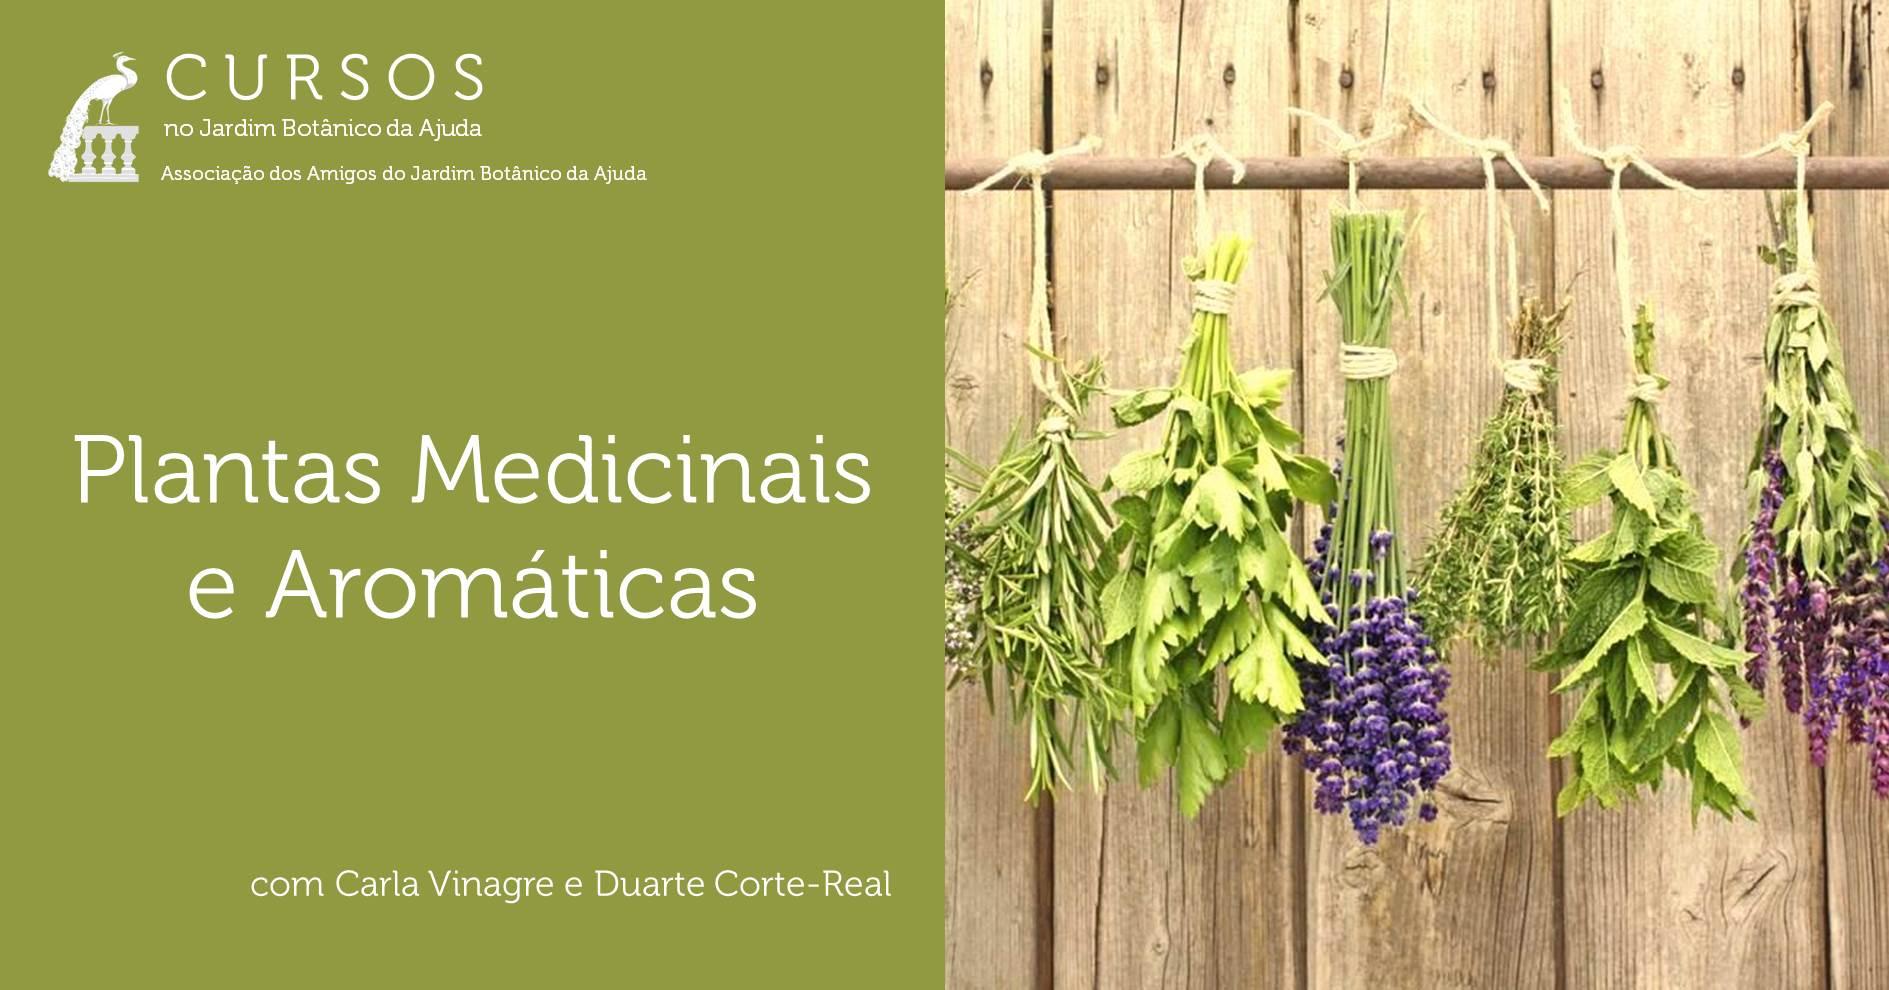 Plantas Medicinais e Aromáticas - CANCELADO